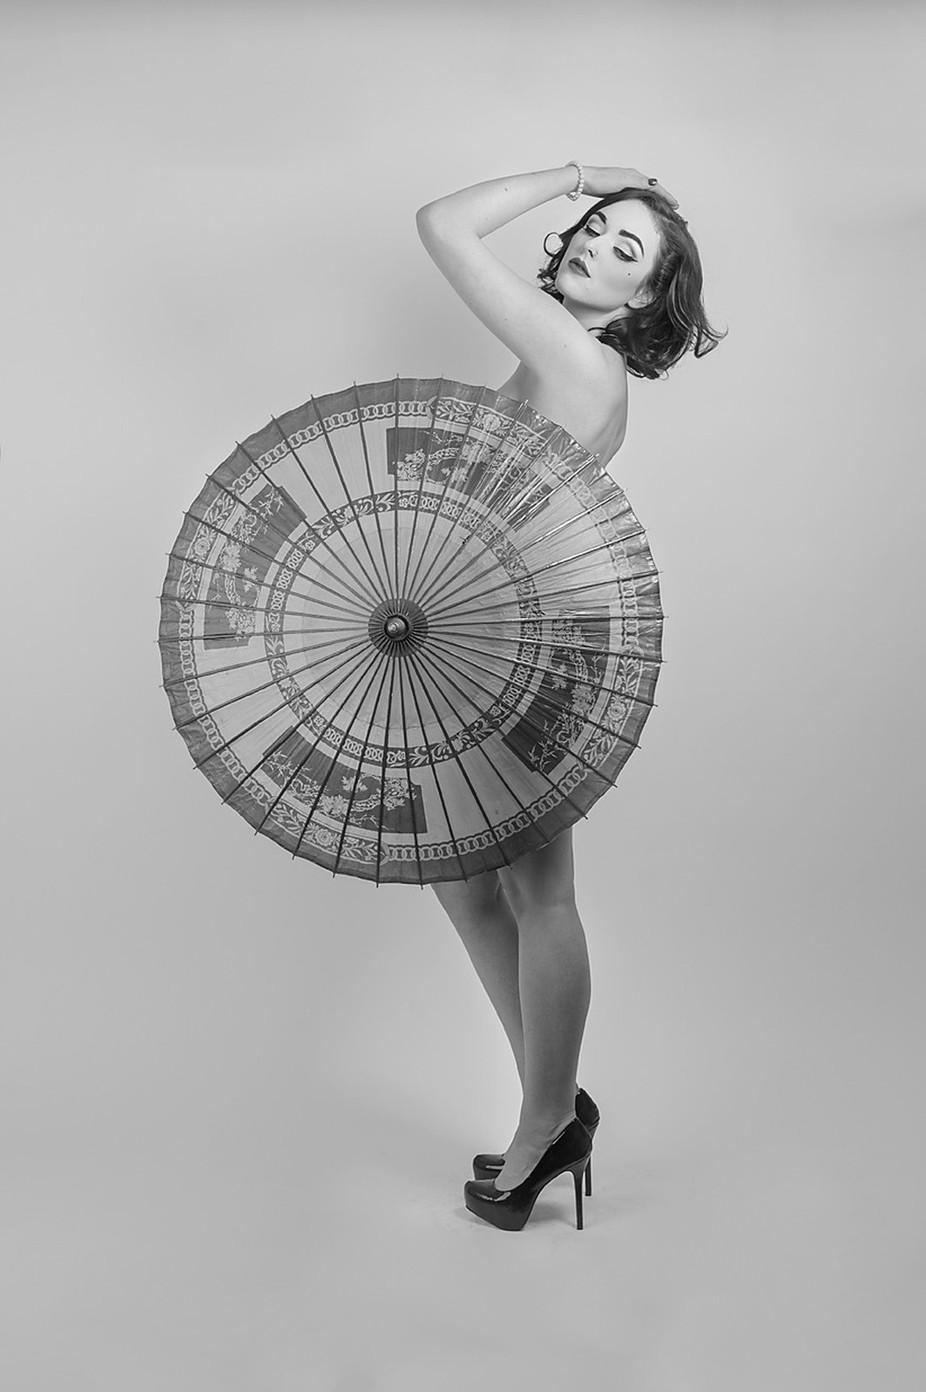 Vintage Vixen by JKPeters - Tasteful Boudoir Photo Contest